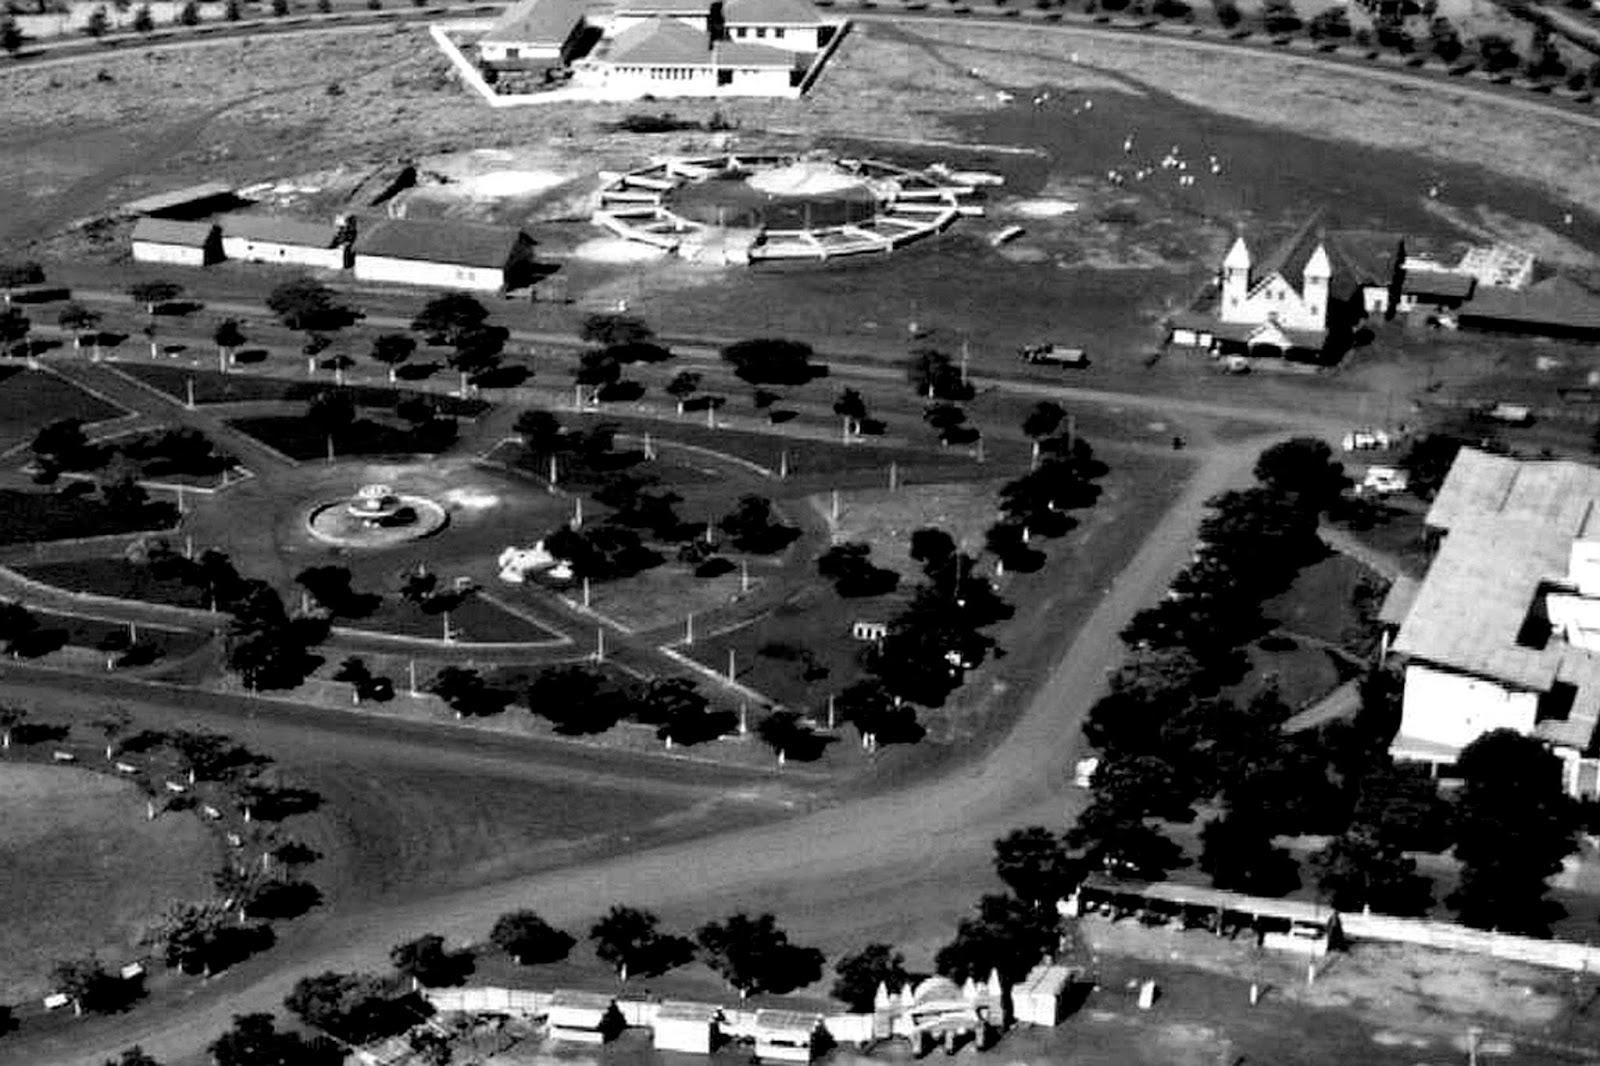 Fonte da praça Dom Pedro II - Década de 1950